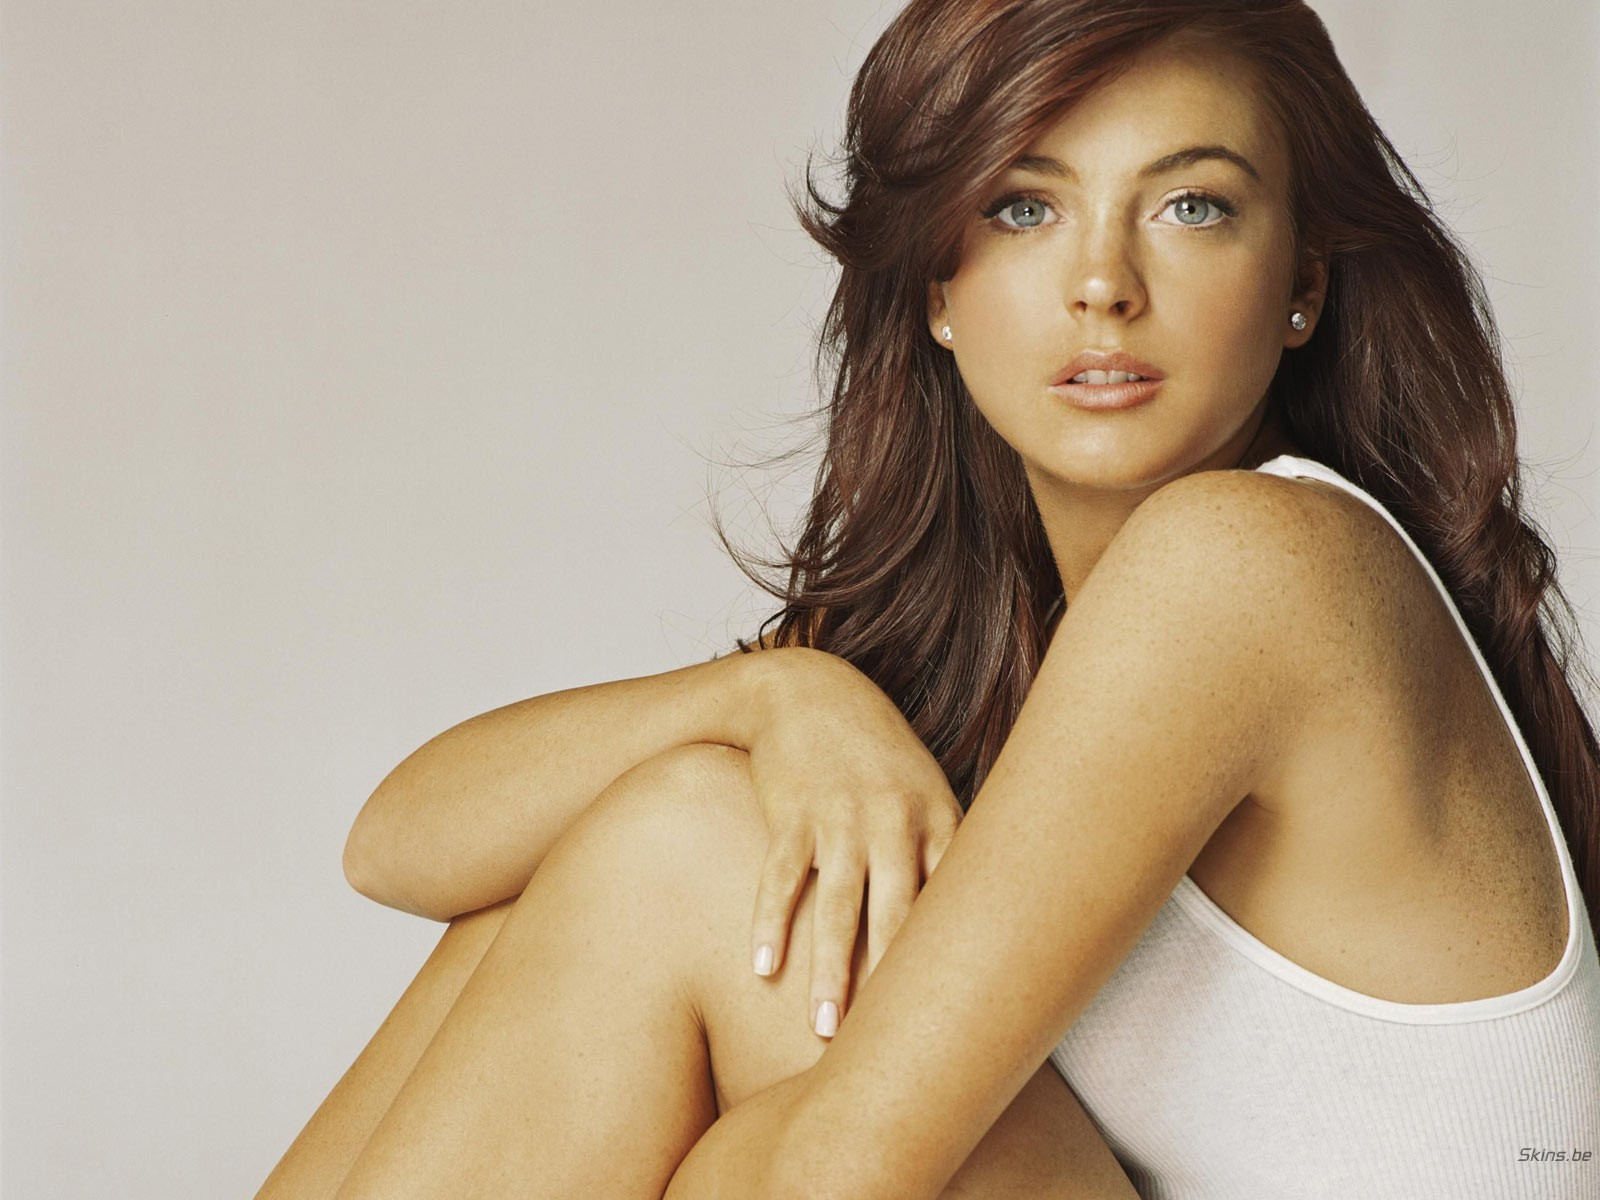 http://4.bp.blogspot.com/_AoS9kfI89Q4/TMFkFFsyvZI/AAAAAAAAANU/_f56f5ecbcY/s1600/lindsay+lohan+gambar.jpg